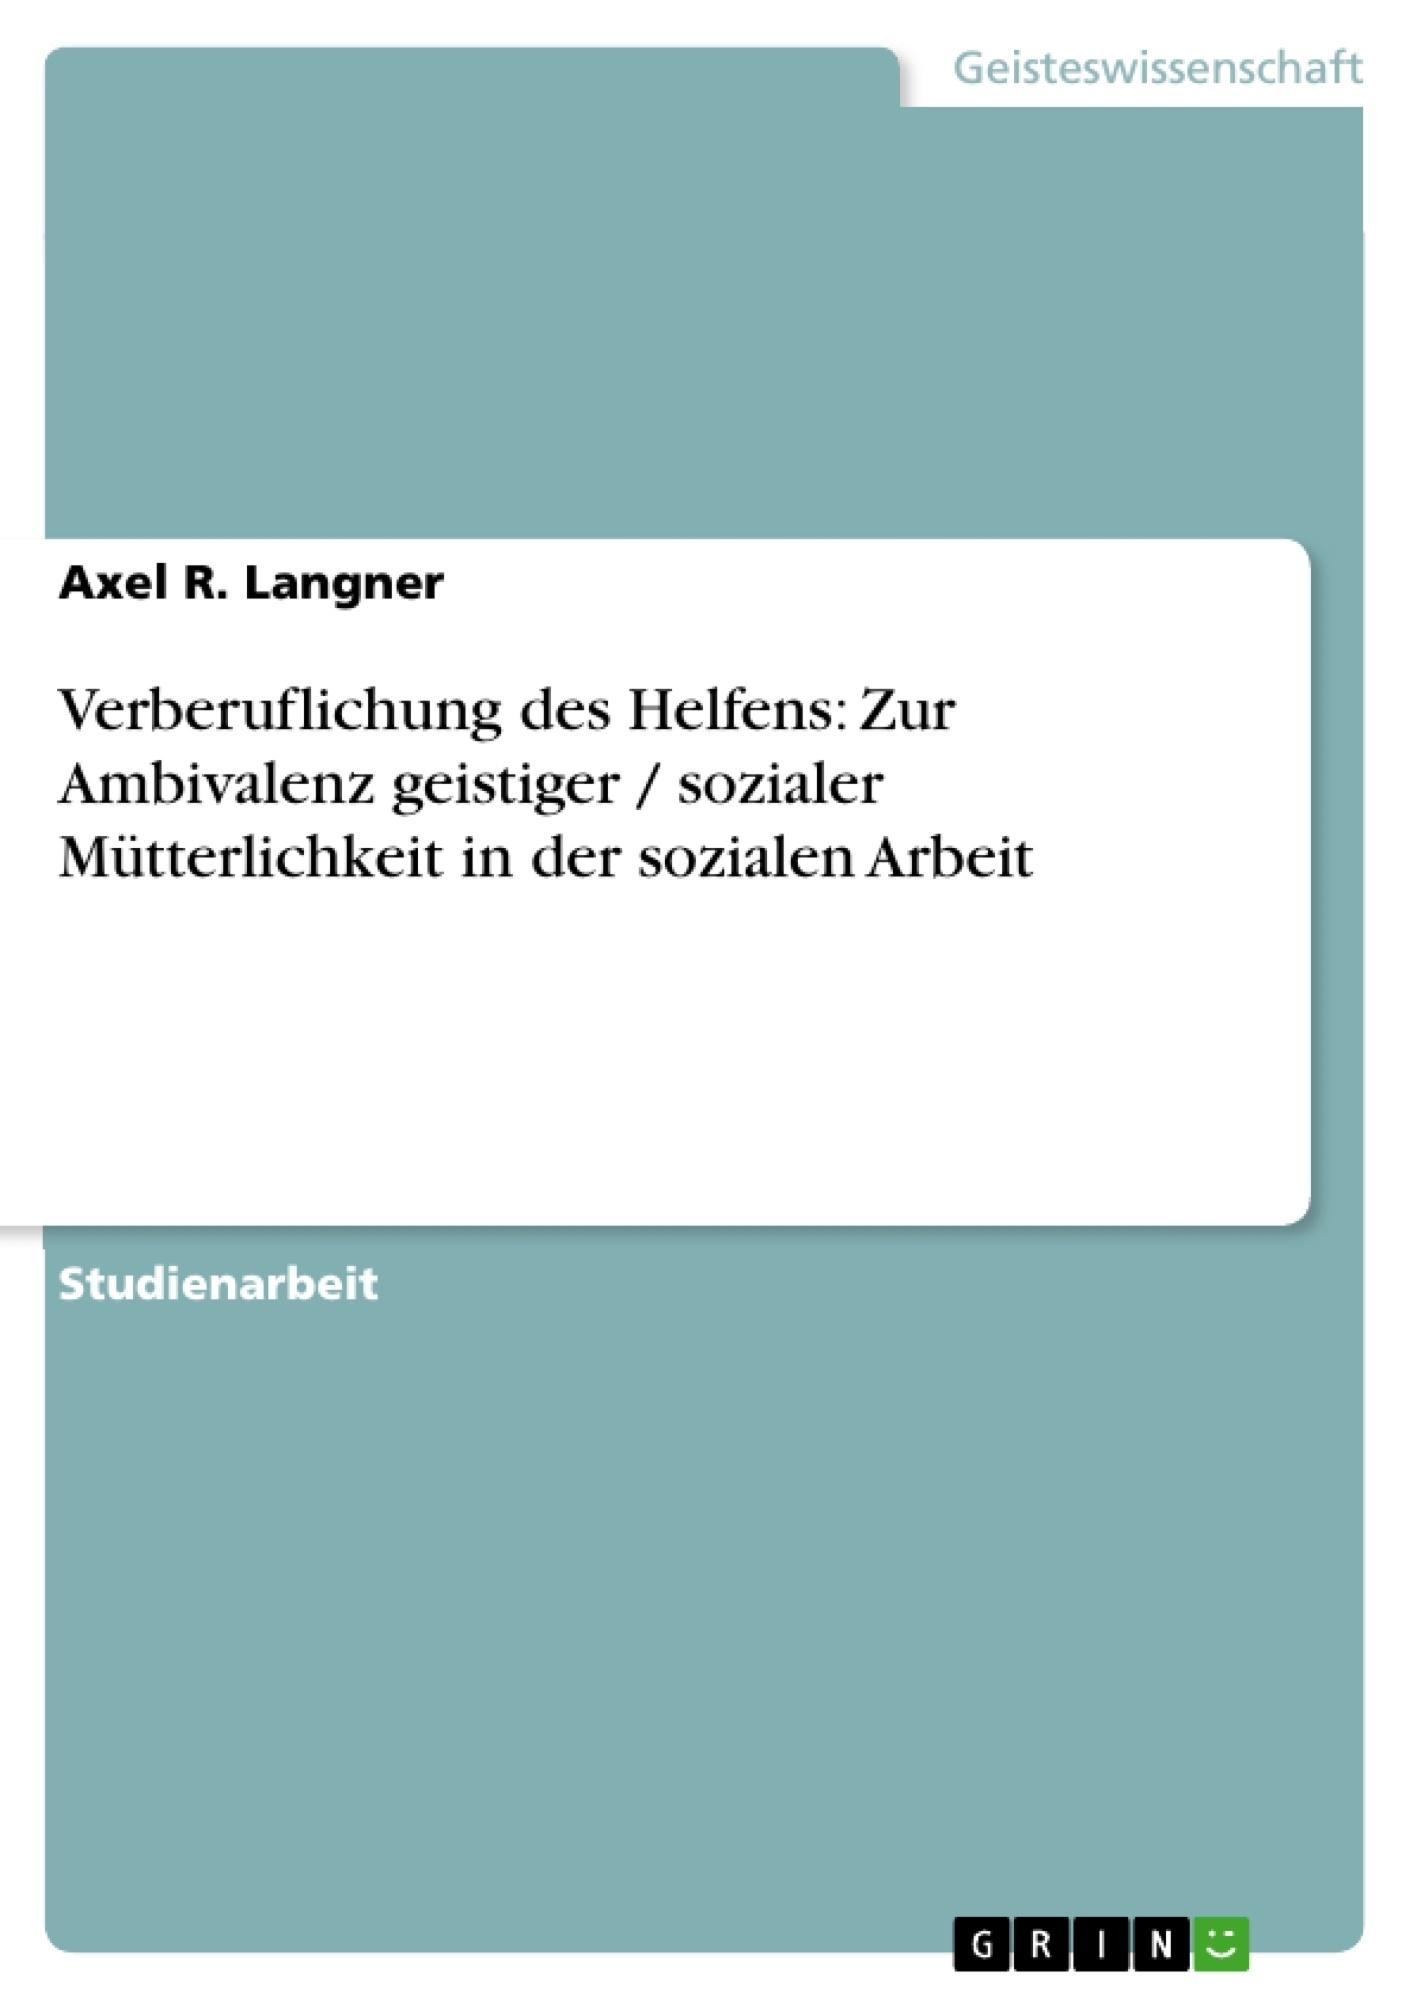 Titel: Verberuflichung des Helfens: Zur Ambivalenz geistiger / sozialer Mütterlichkeit in der sozialen Arbeit